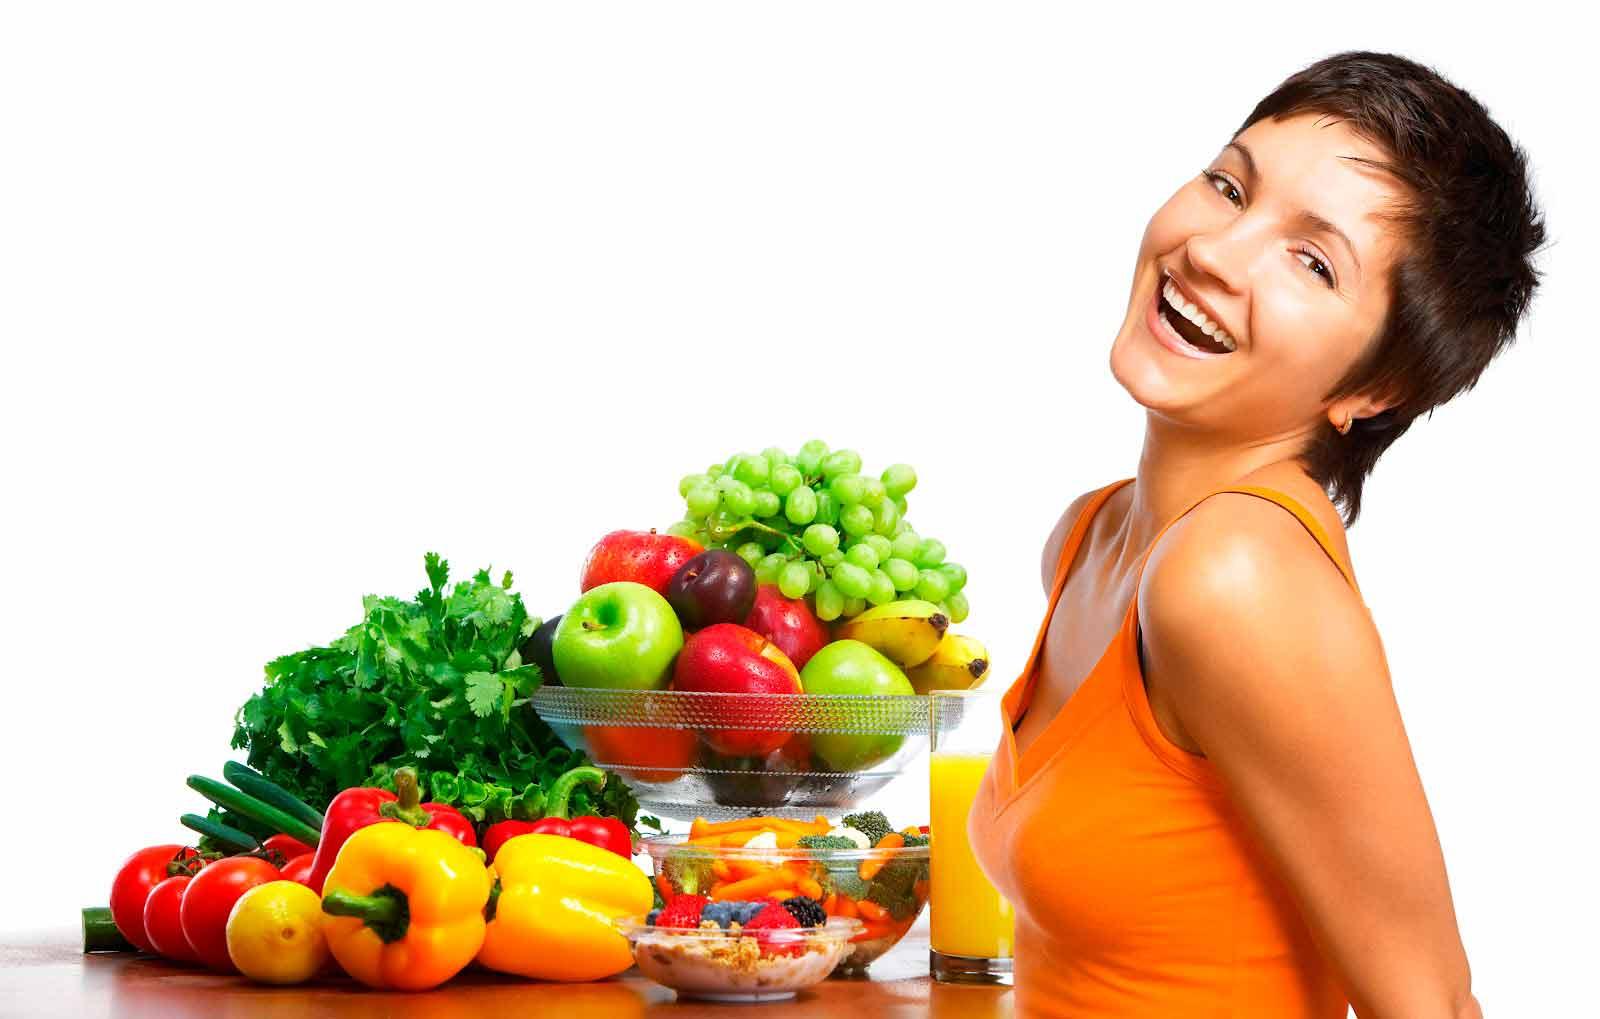 alimentos-imunidade-vox-vitae-sc